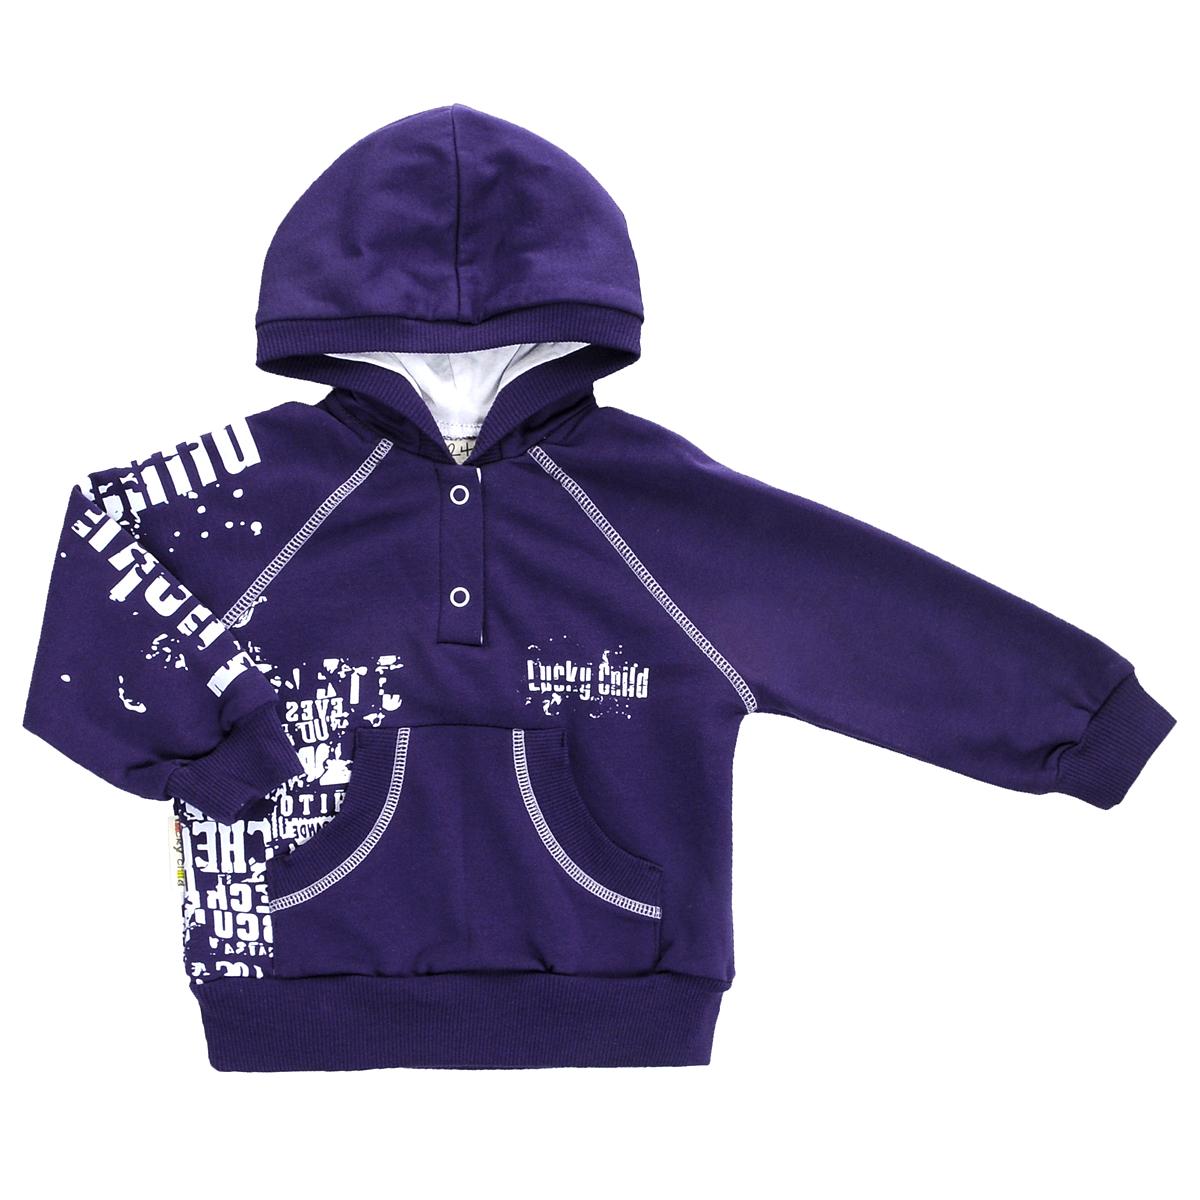 Толстовка для мальчика Lucky Child, цвет: фиолетовый. 8-17. Размер 86/92